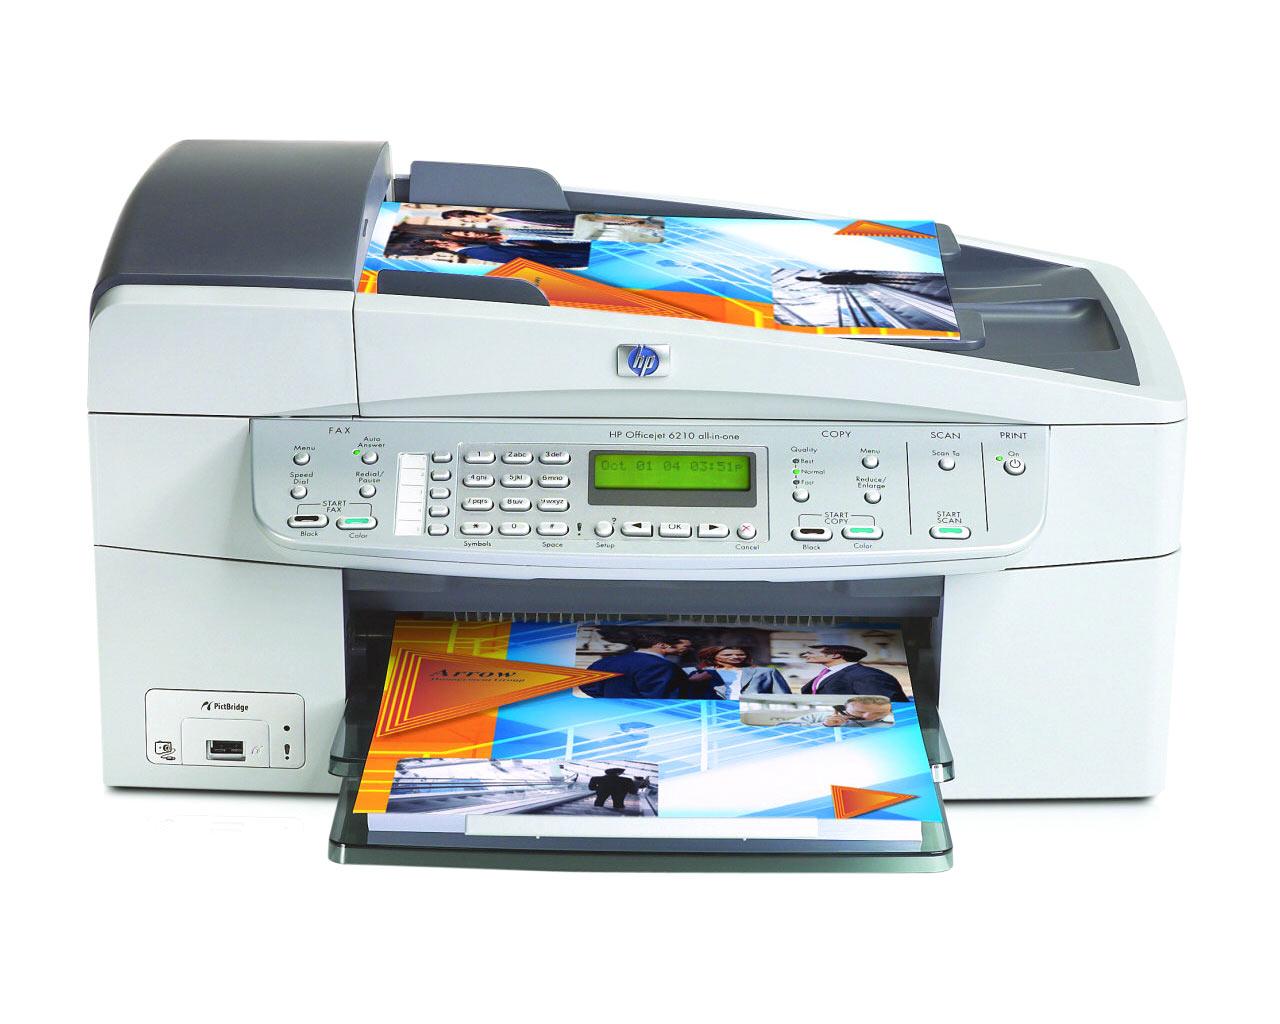 Как отсканировать фото на принтере hp